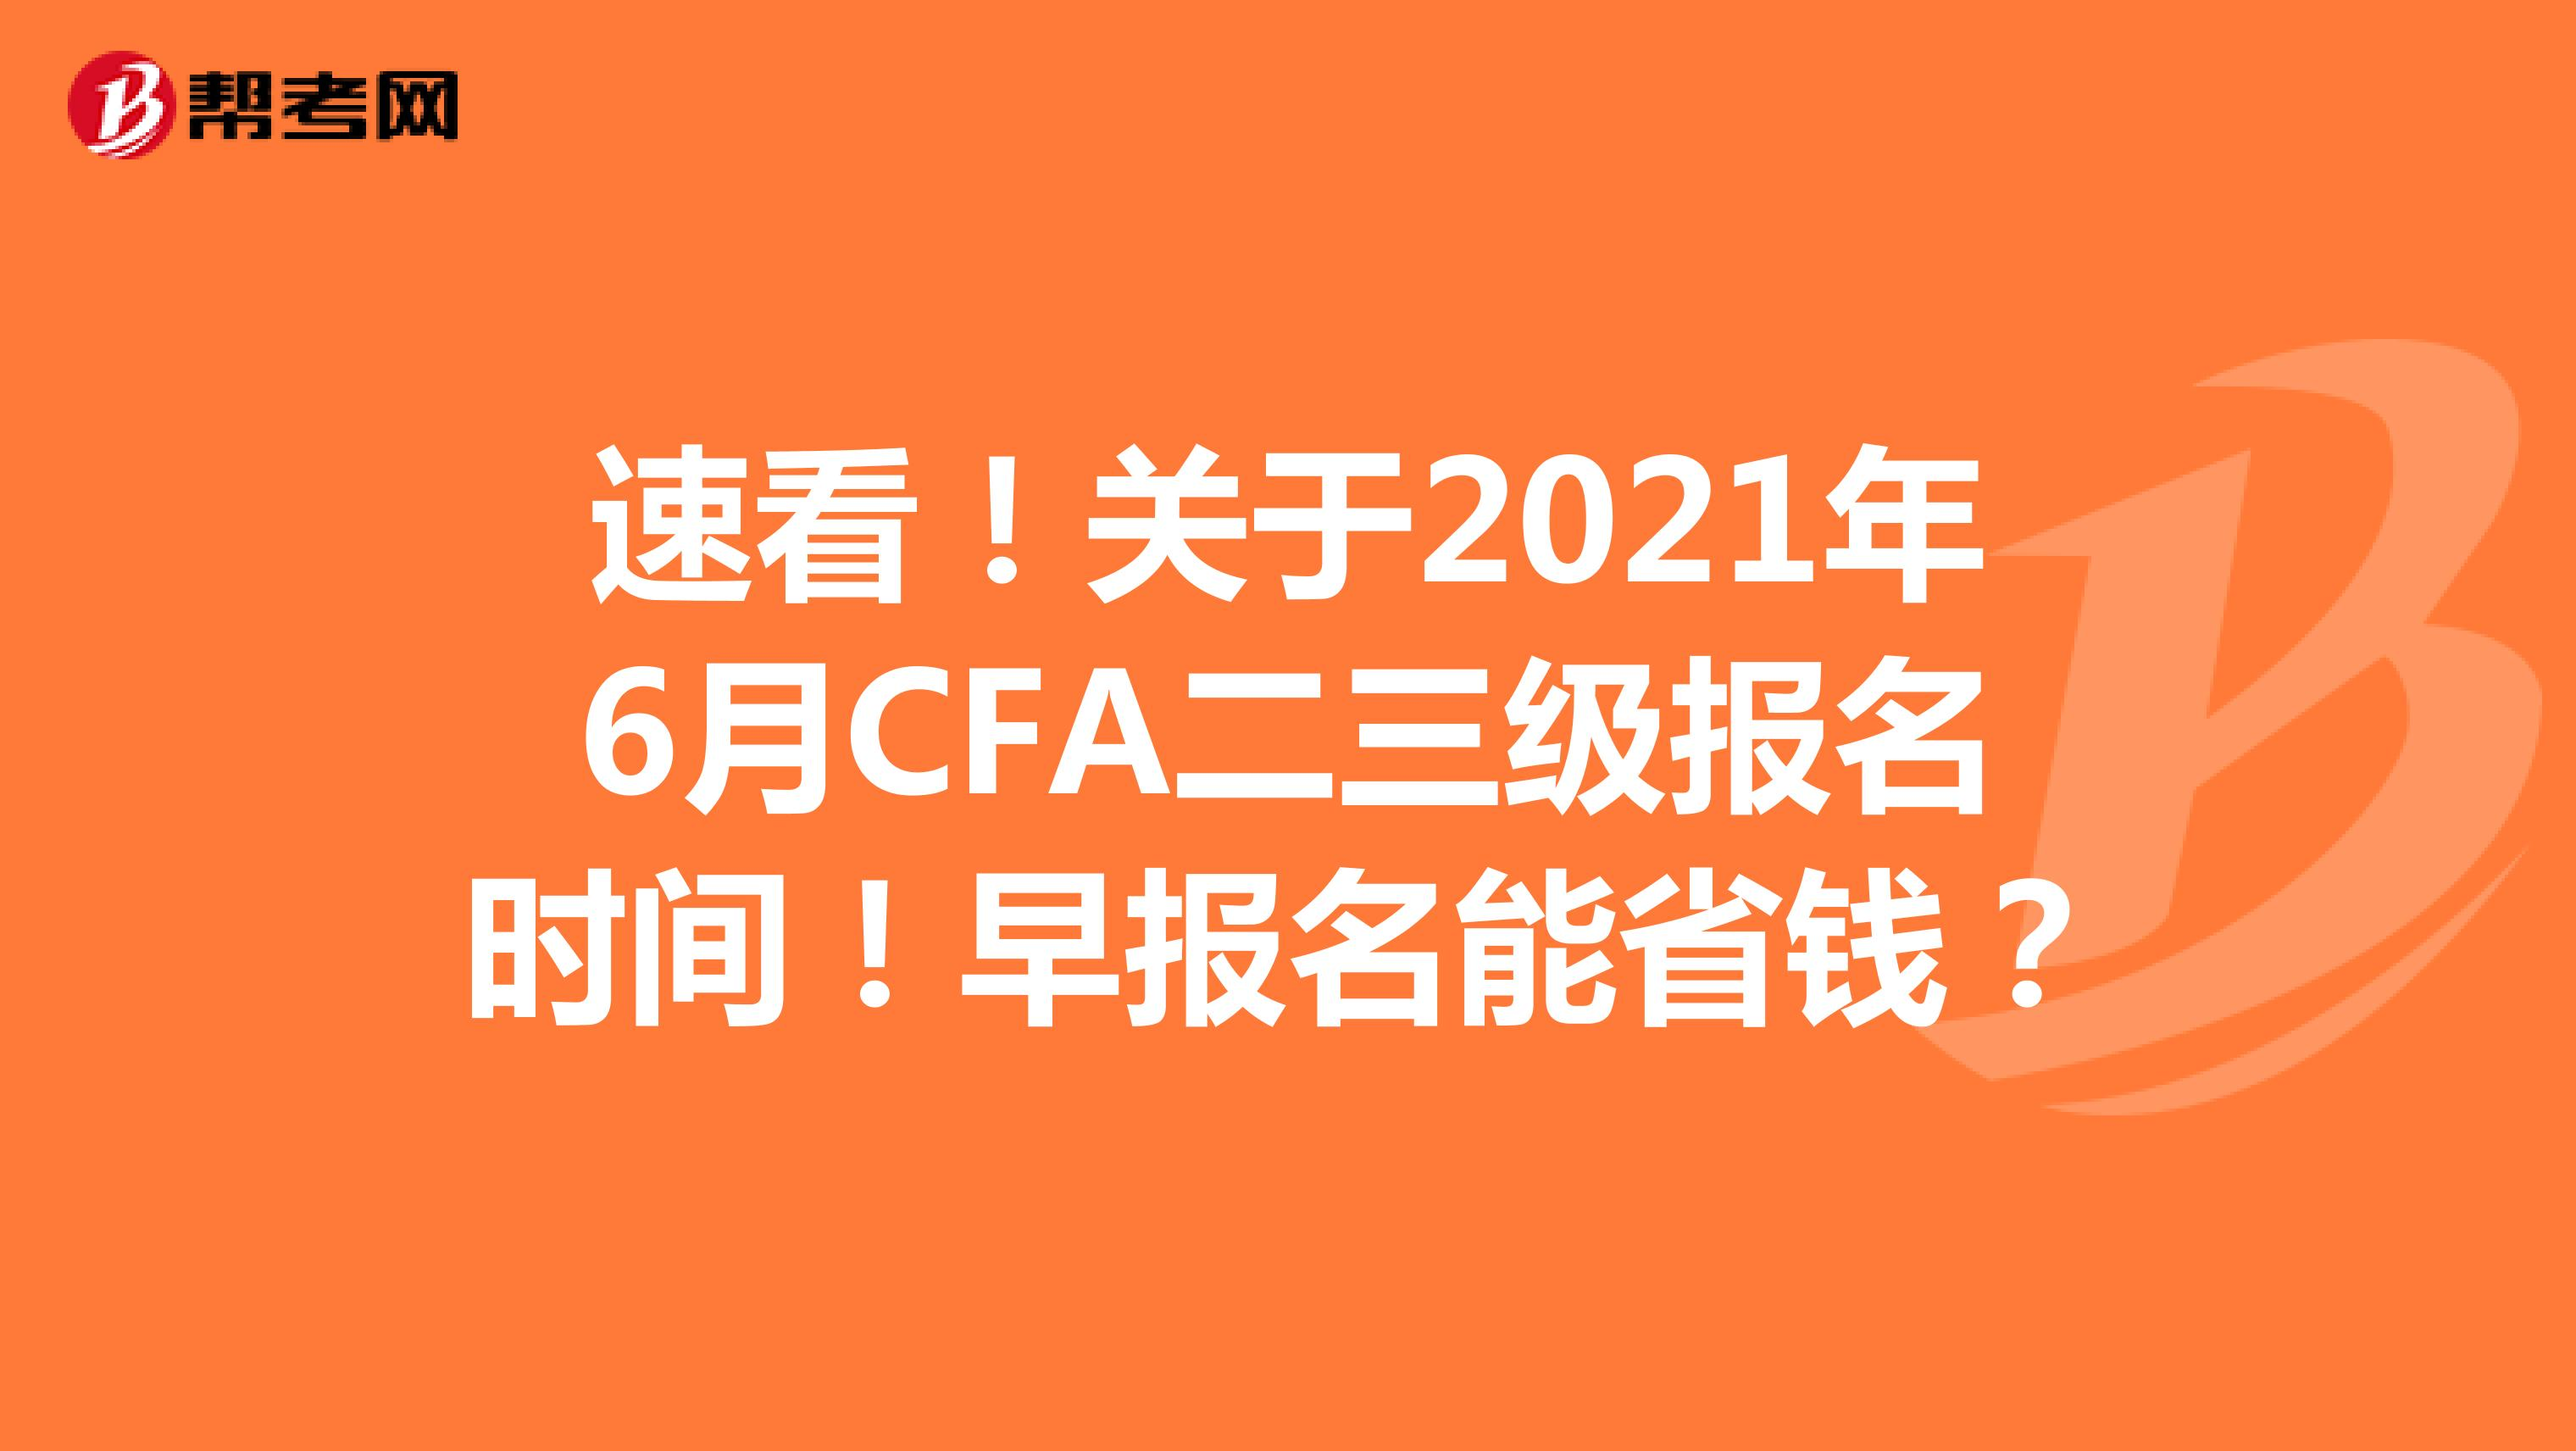 速看!关于2021年6月CFA二三级报名时间!早报名能省钱?